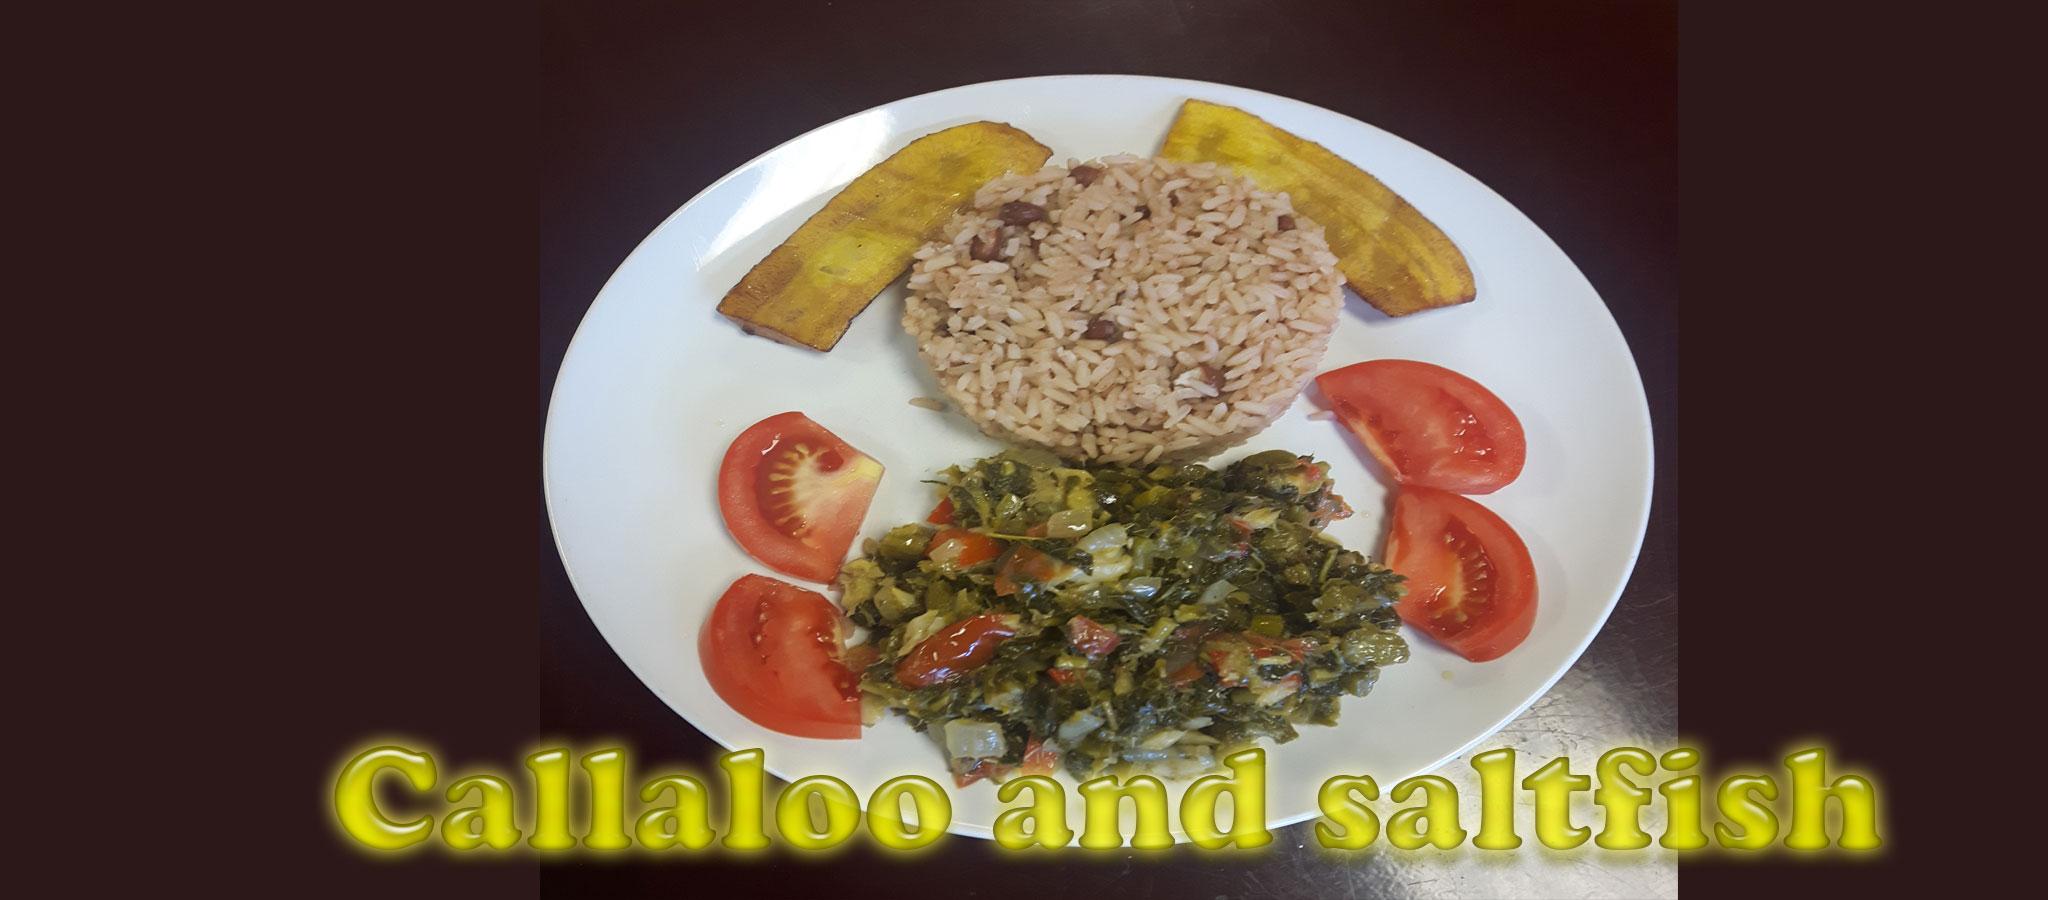 Callaloo and saltfish